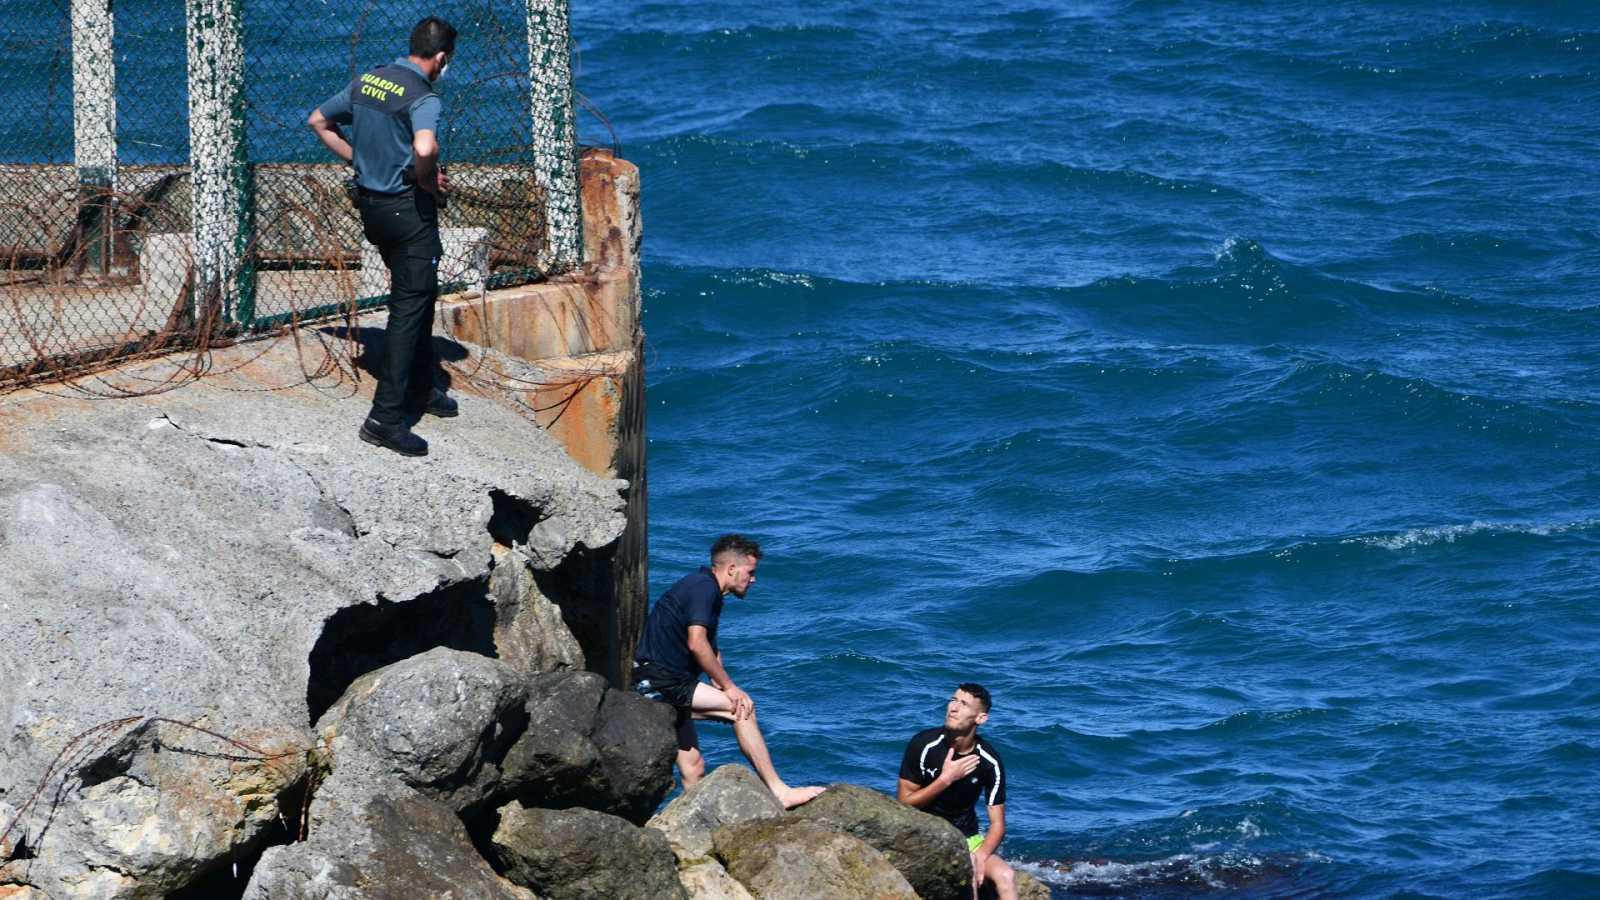 Cerca de 2.700 migrantes entran a nado y en balsas en Ceuta